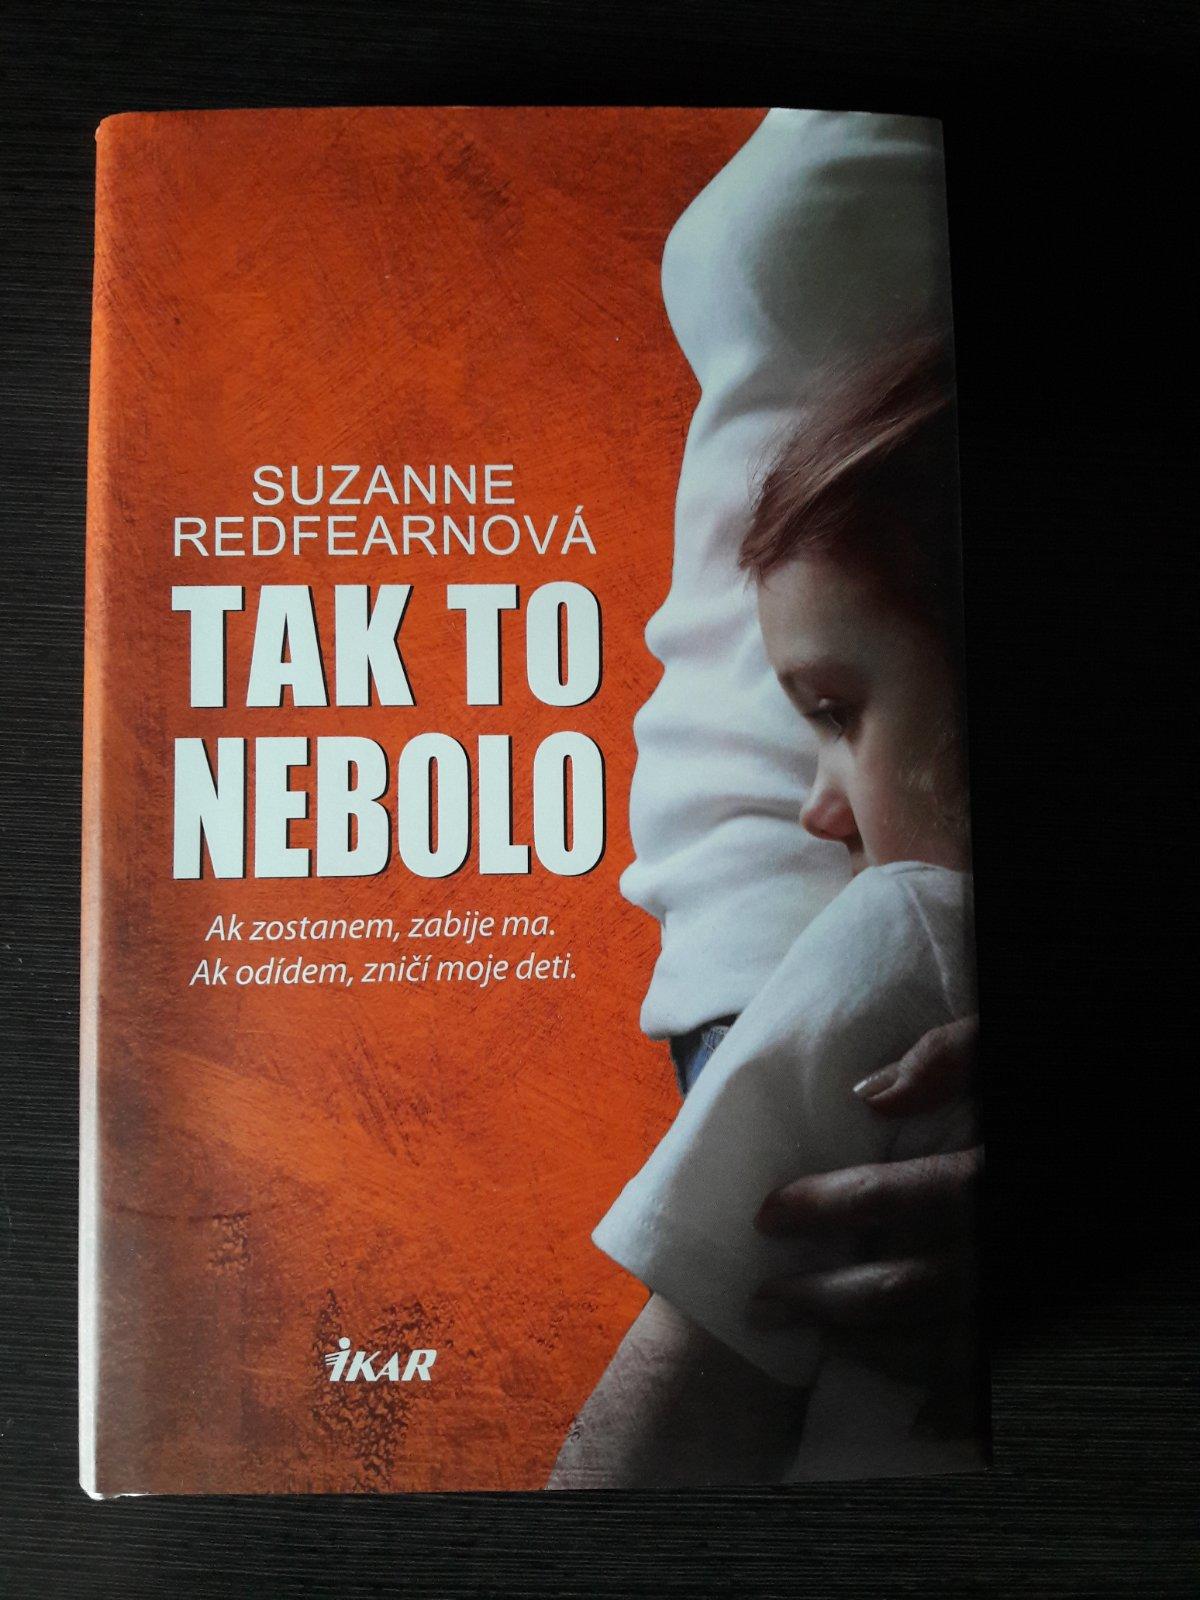 Kniha tak to nebolo (suzanne redfearnova), - 5 € od predávajúcej micha22    Bazár - Modrý koník